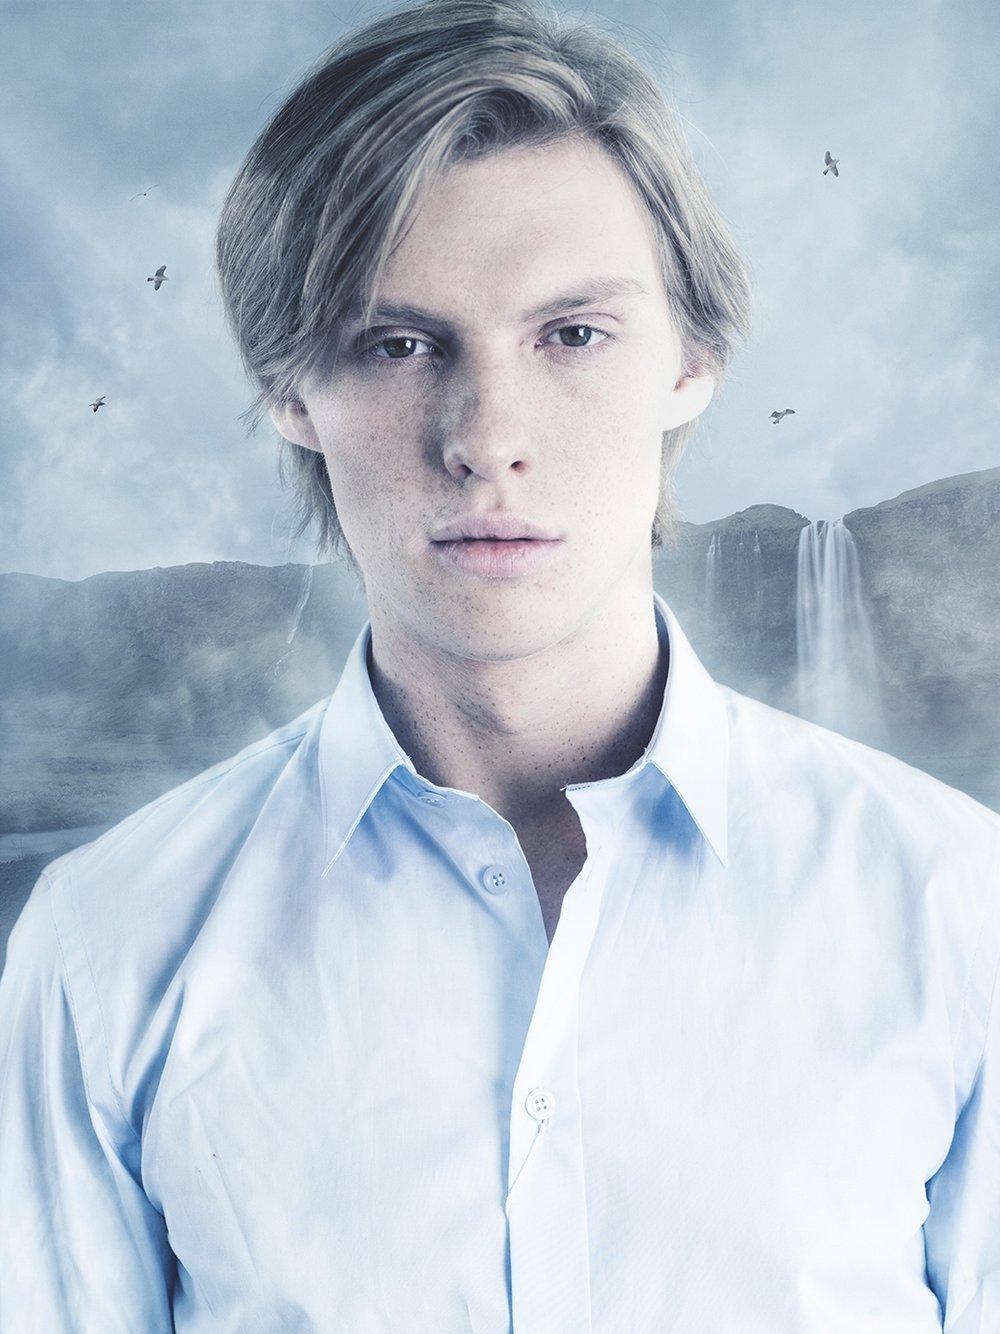 Model Felix for Mikas